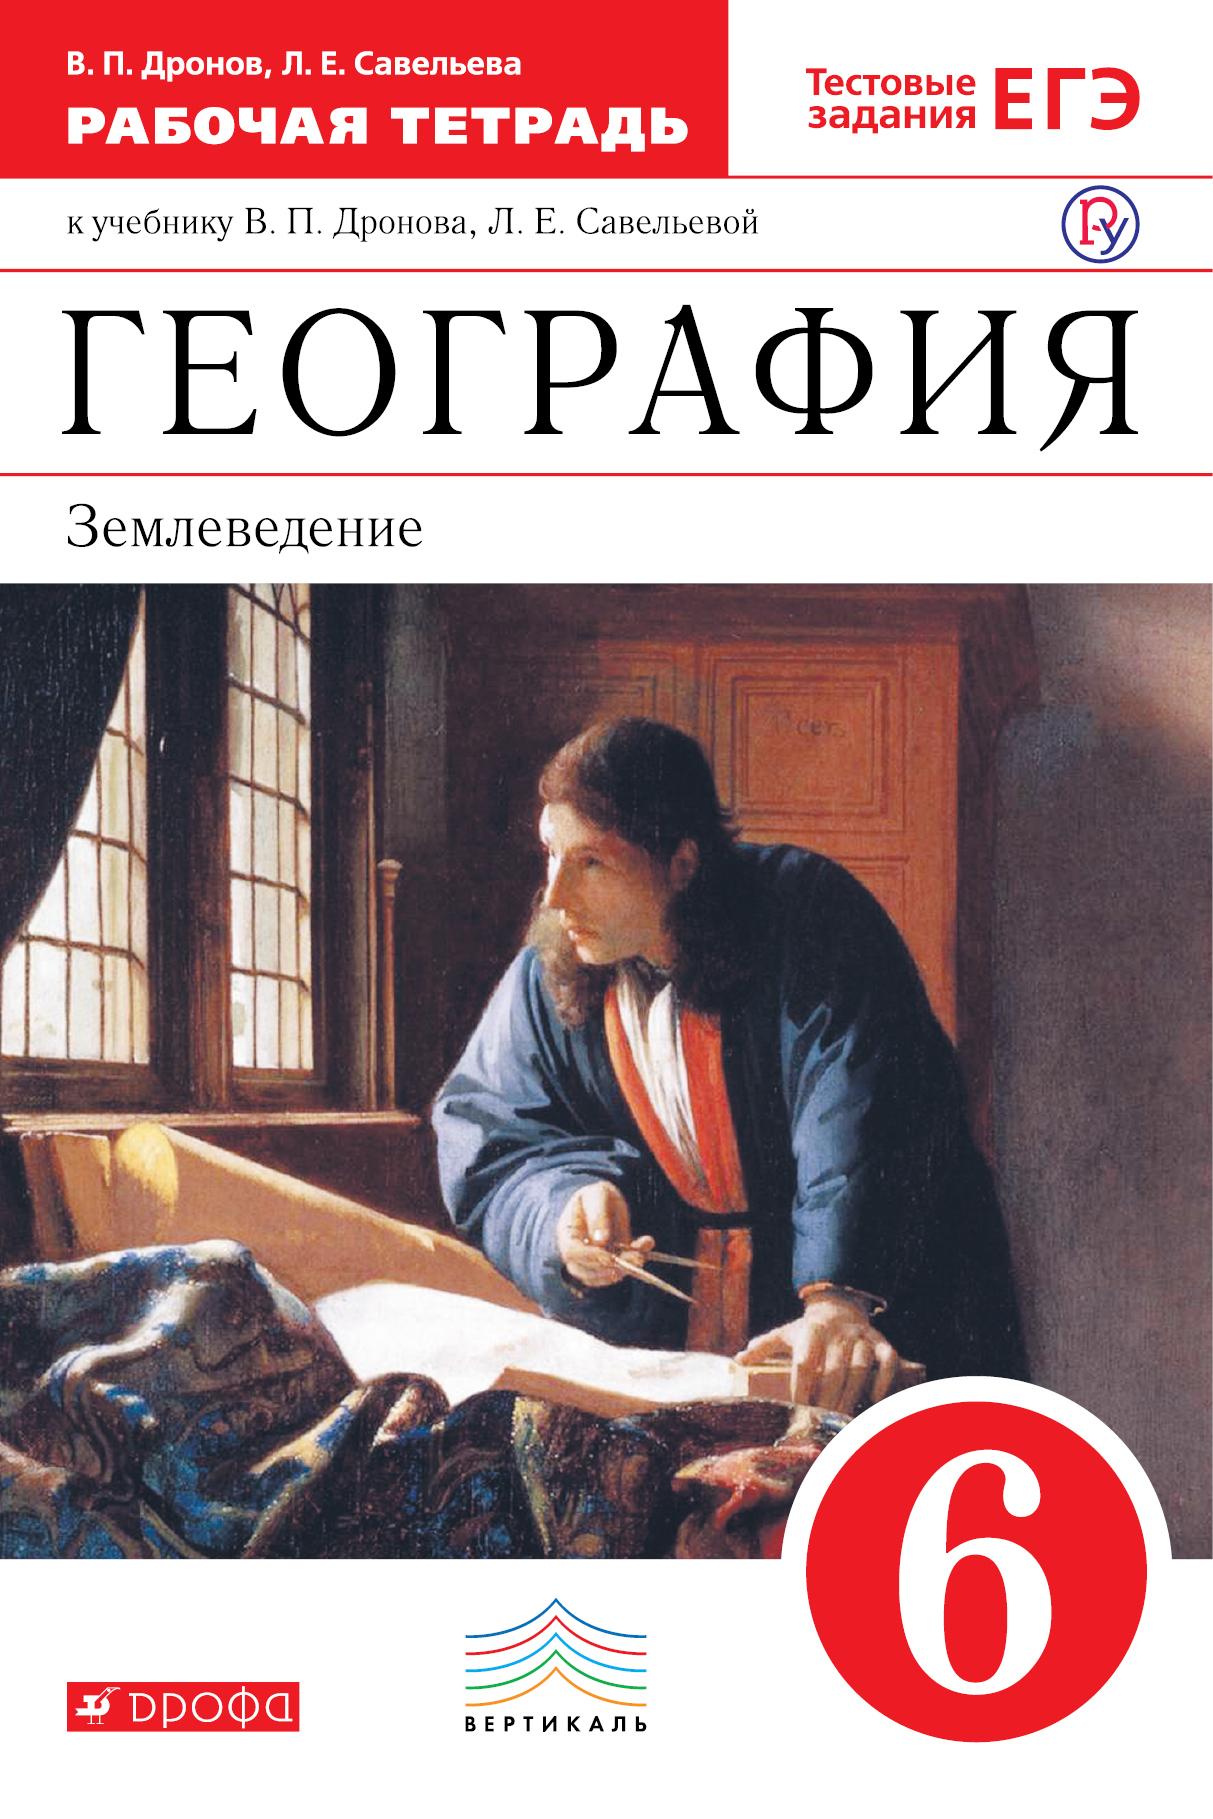 Дронов В.П., Савельева Л.Е. География. 6 класс. Рабочая тетрадь (с тестовыми заданиями ЕГЭ)